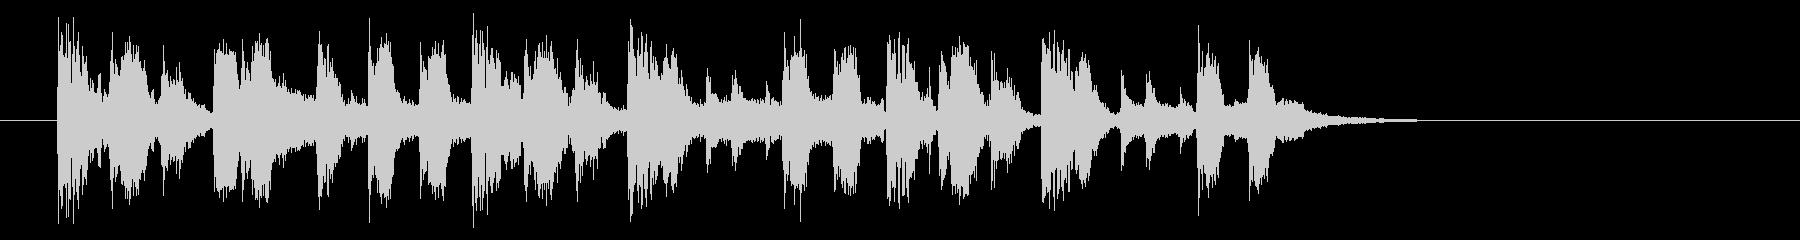 エキゾチックなバンドのポップなジングルの未再生の波形